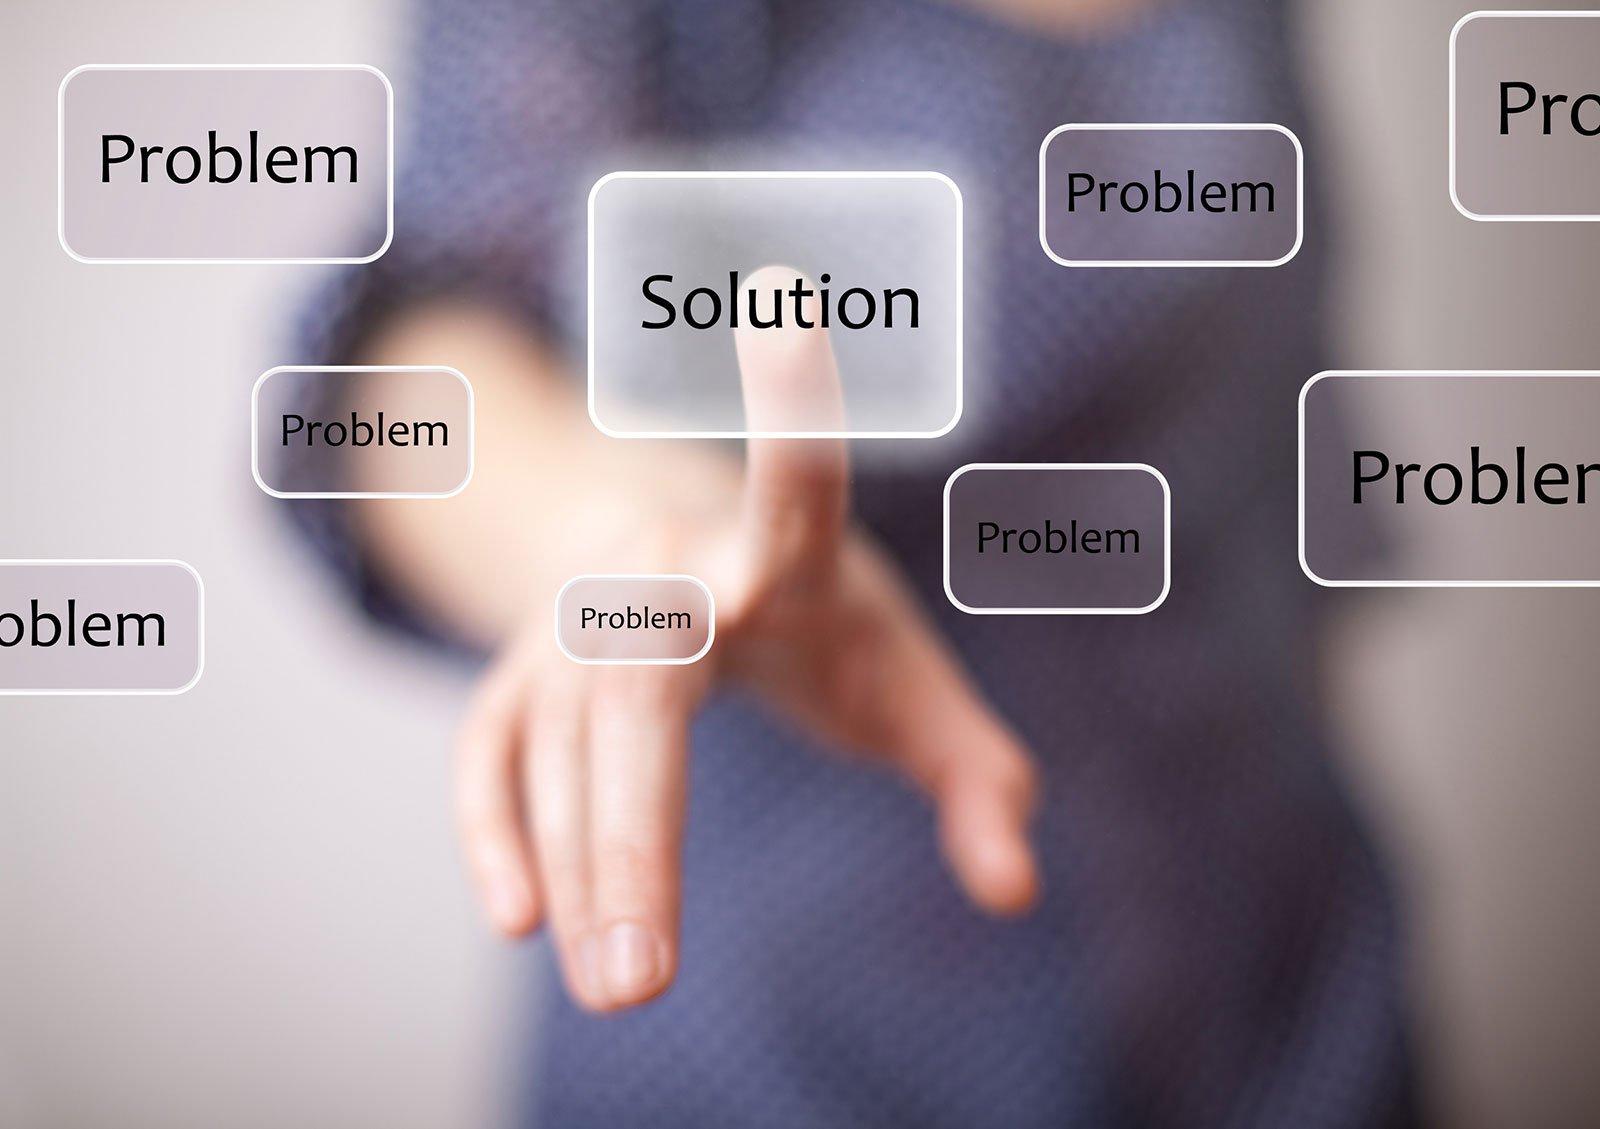 Tra tutti i problemi c'è sempre una soluzione